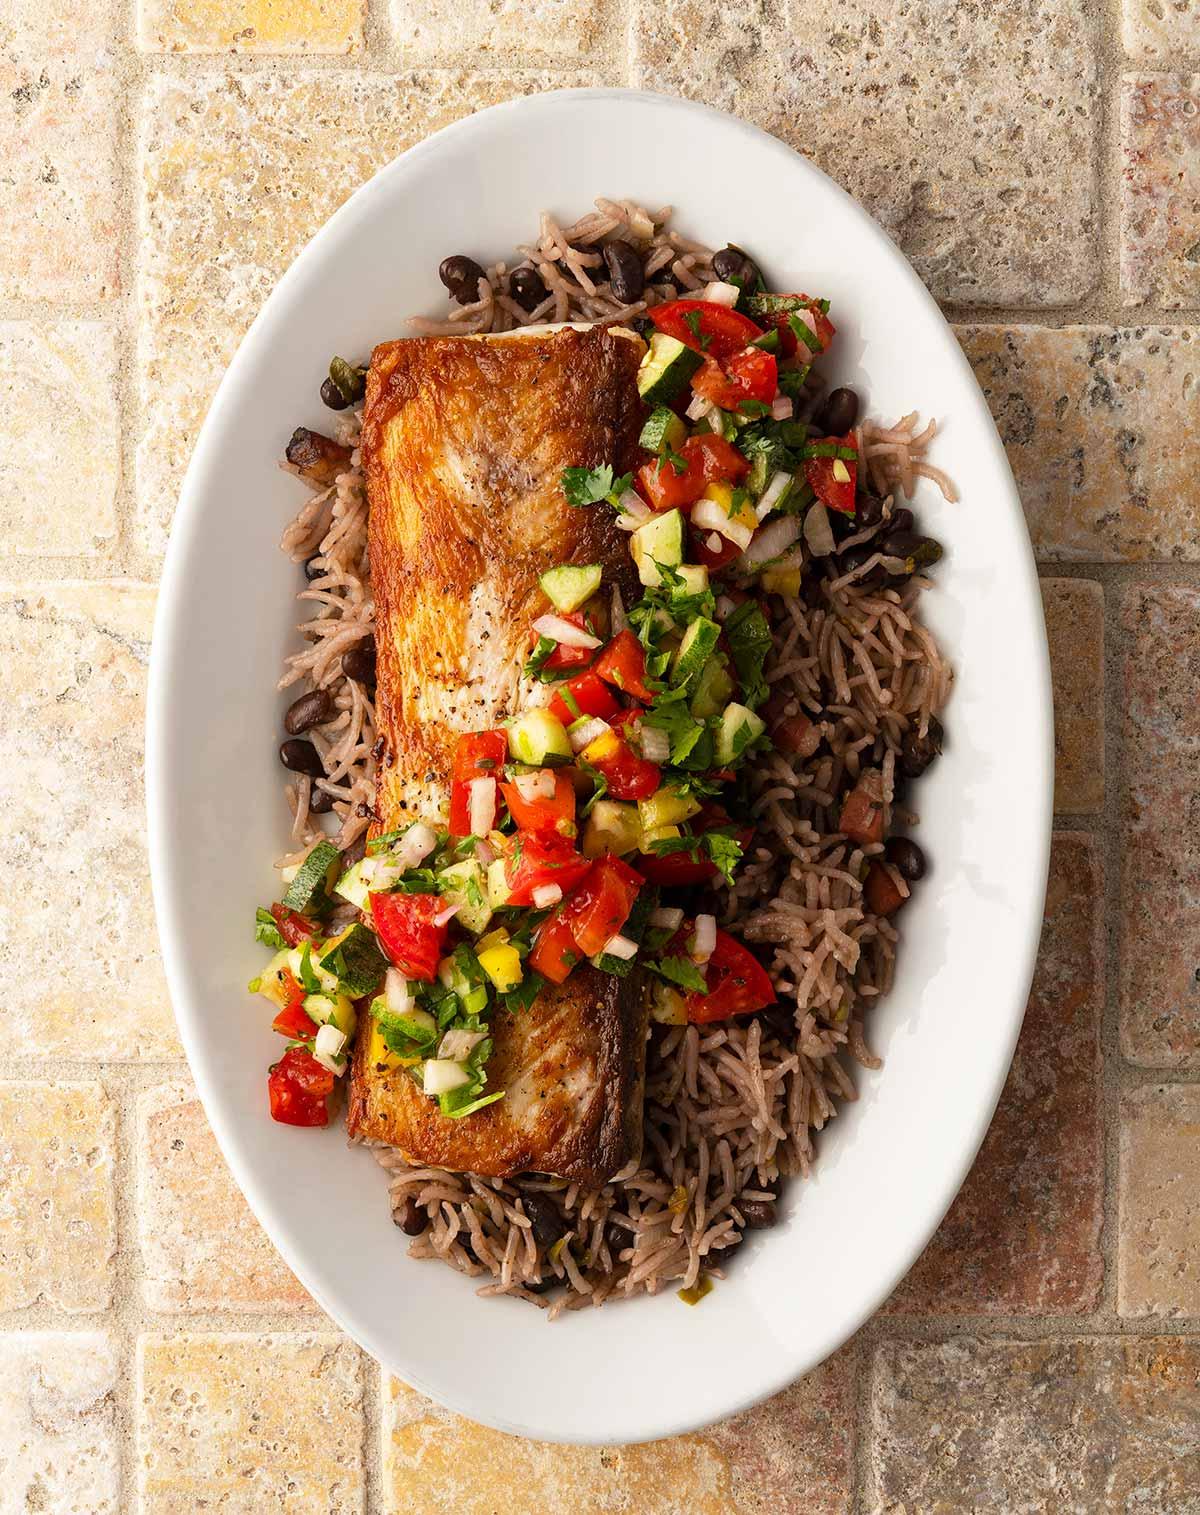 A plate of pan seared mahi mahi with rice and salsa